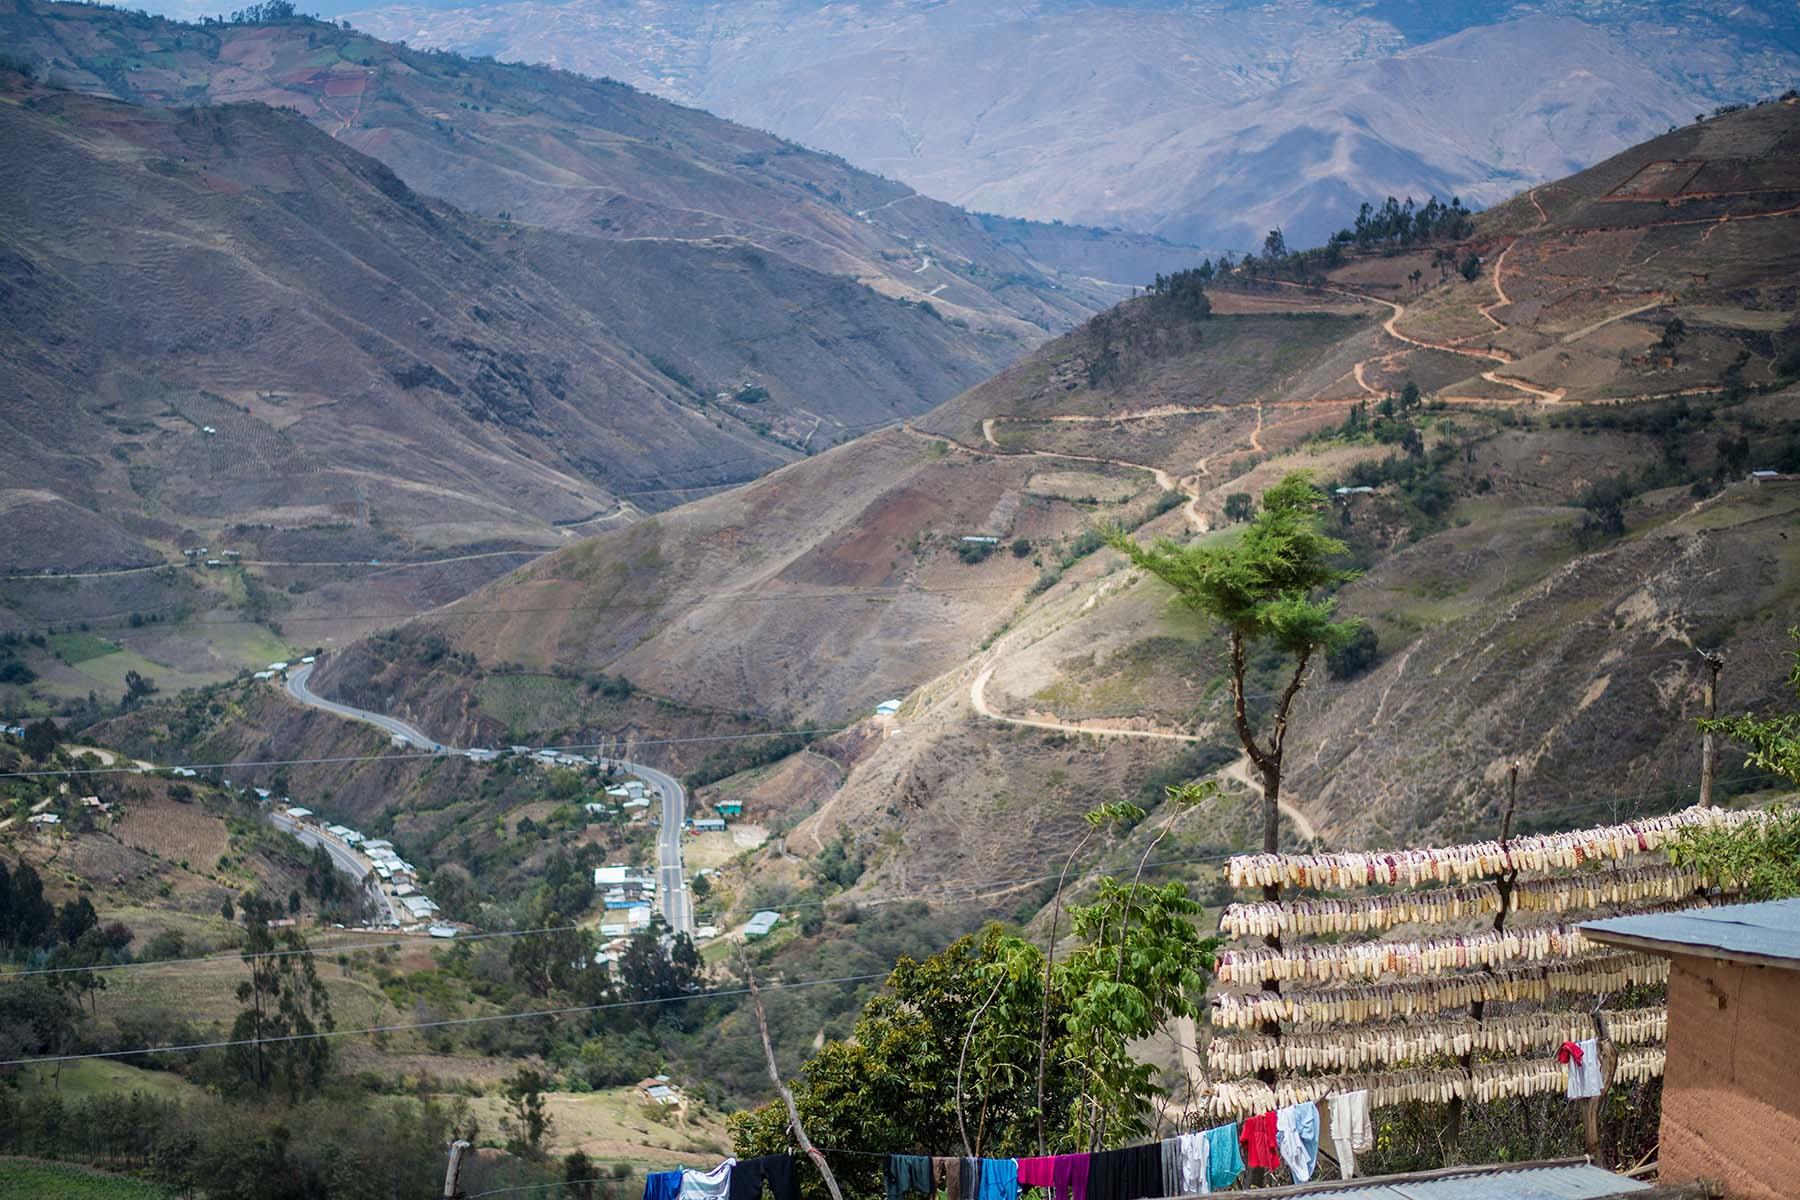 照片中在家外排成一列列的干玉米,是这里重要的营养来源。(秘鲁,Sogobamba)